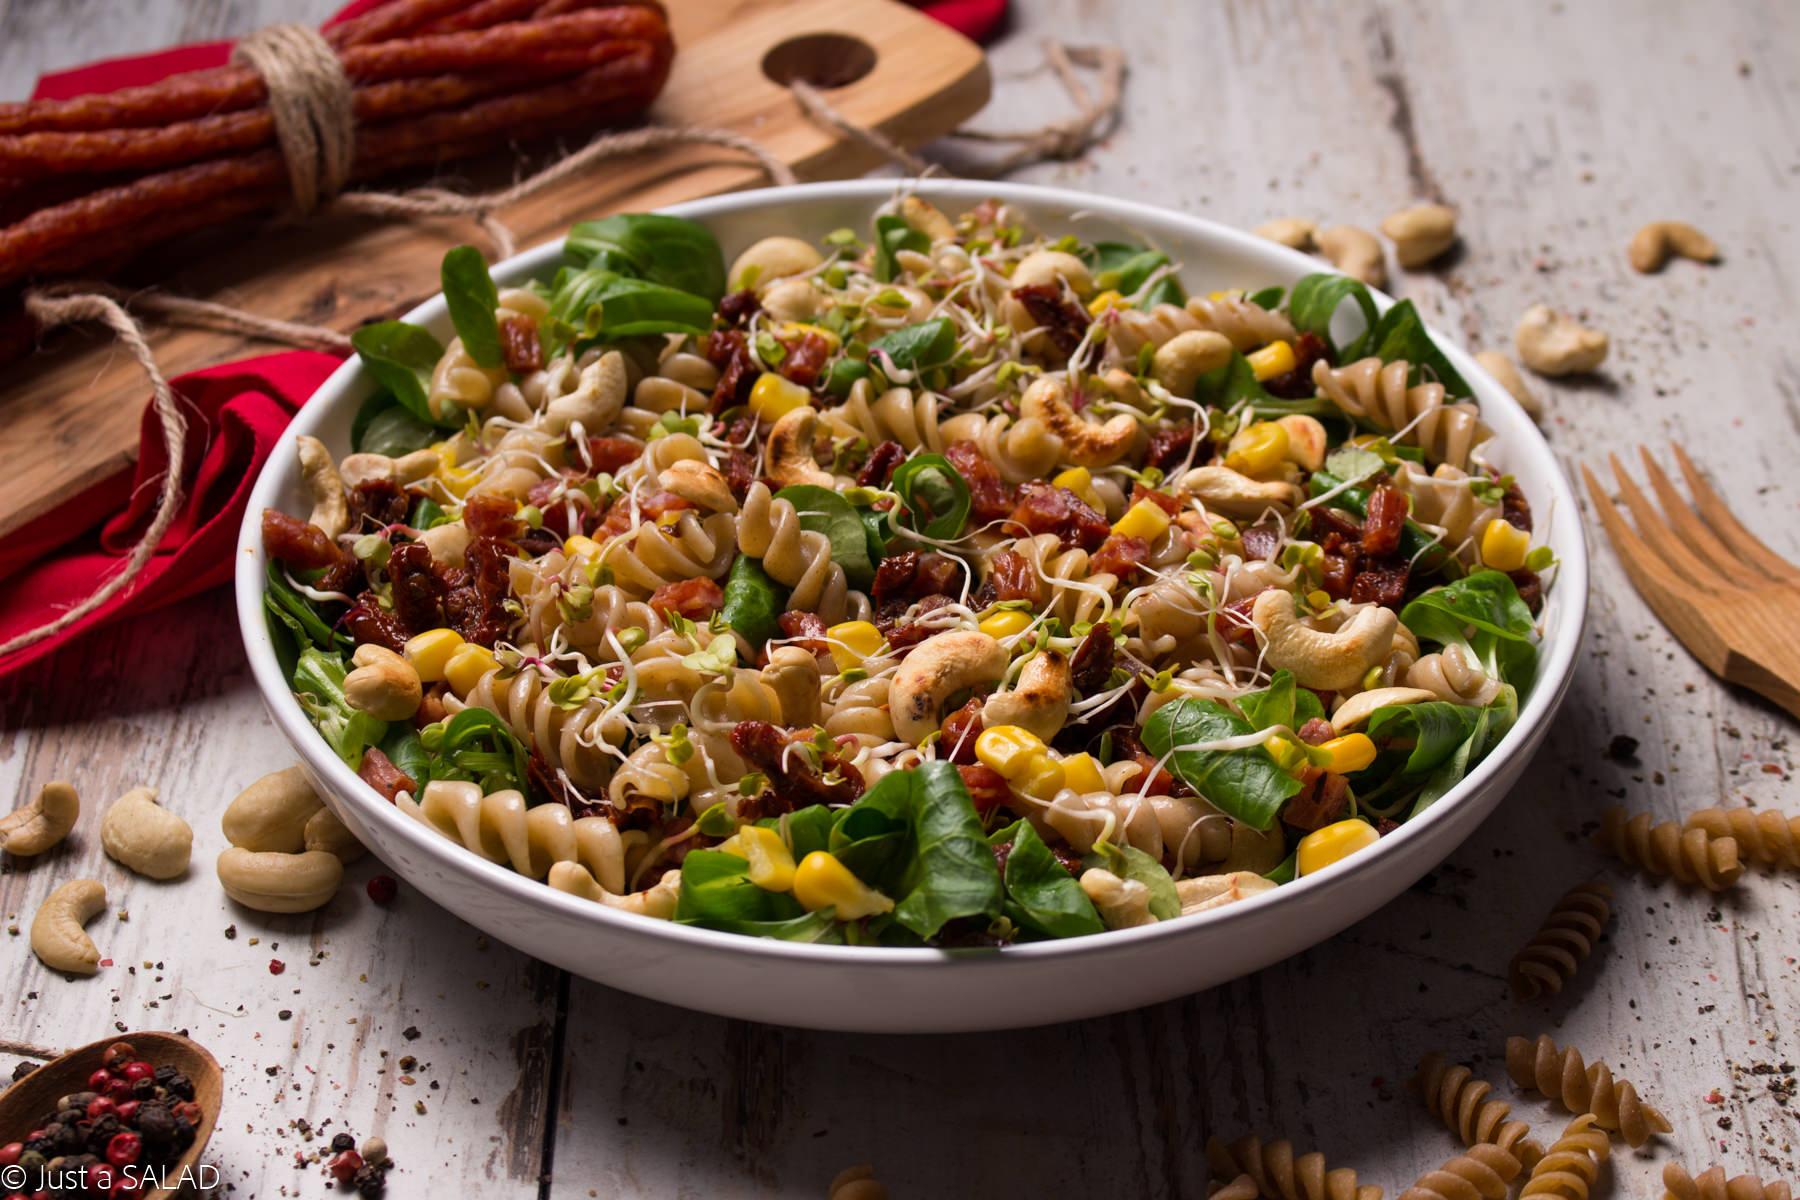 Sałatka z kabanosem, roszponką, kukurydzą, suszonymi pomidorami, makaronem, kiełkami rzodkiewki i nerkowcami.